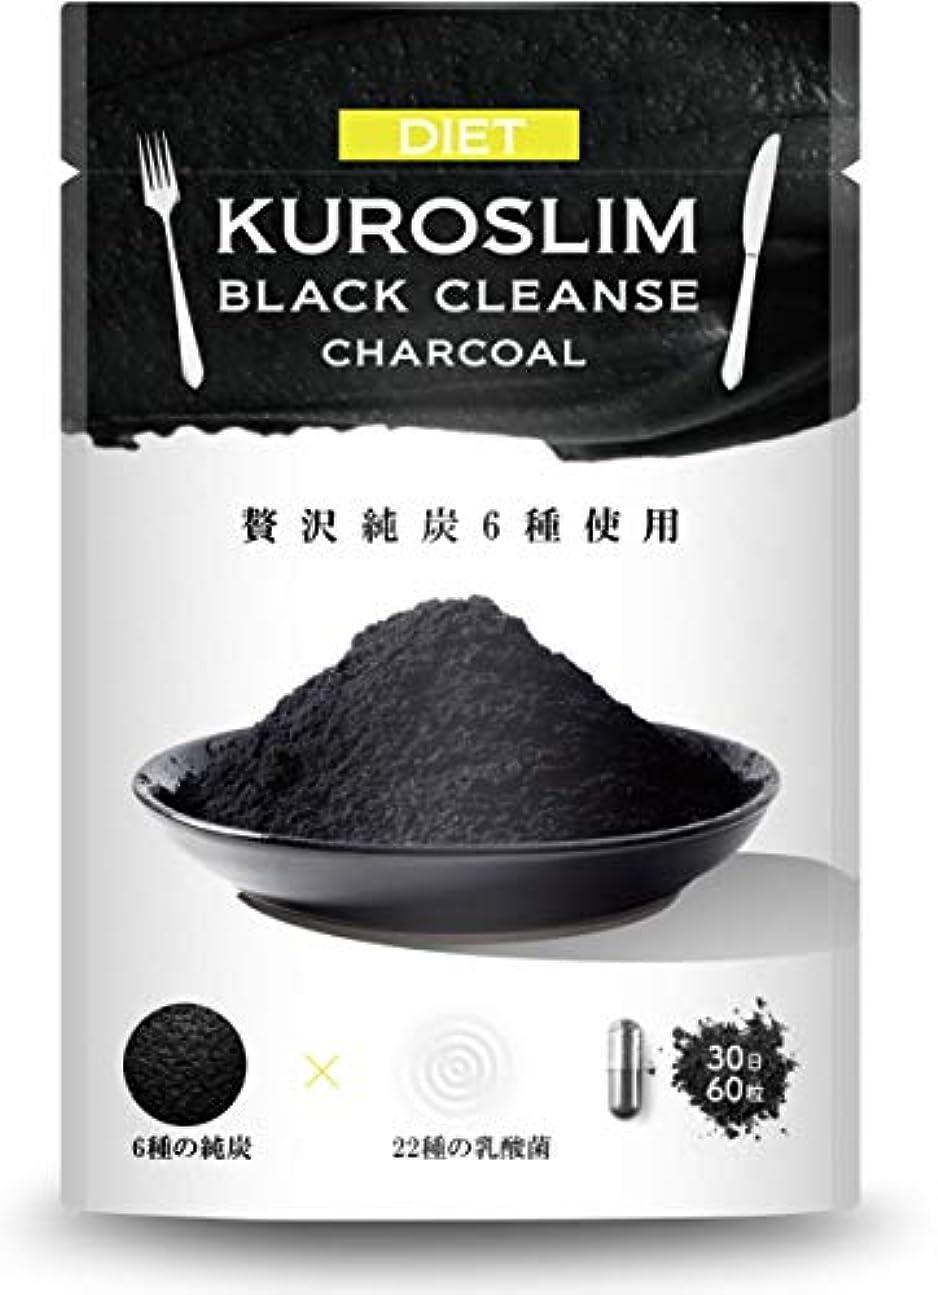 アラビア語それるの間で炭ダイエット サプリ KUROSLIM チャコール サプリメント 6種の純炭 60粒30日分